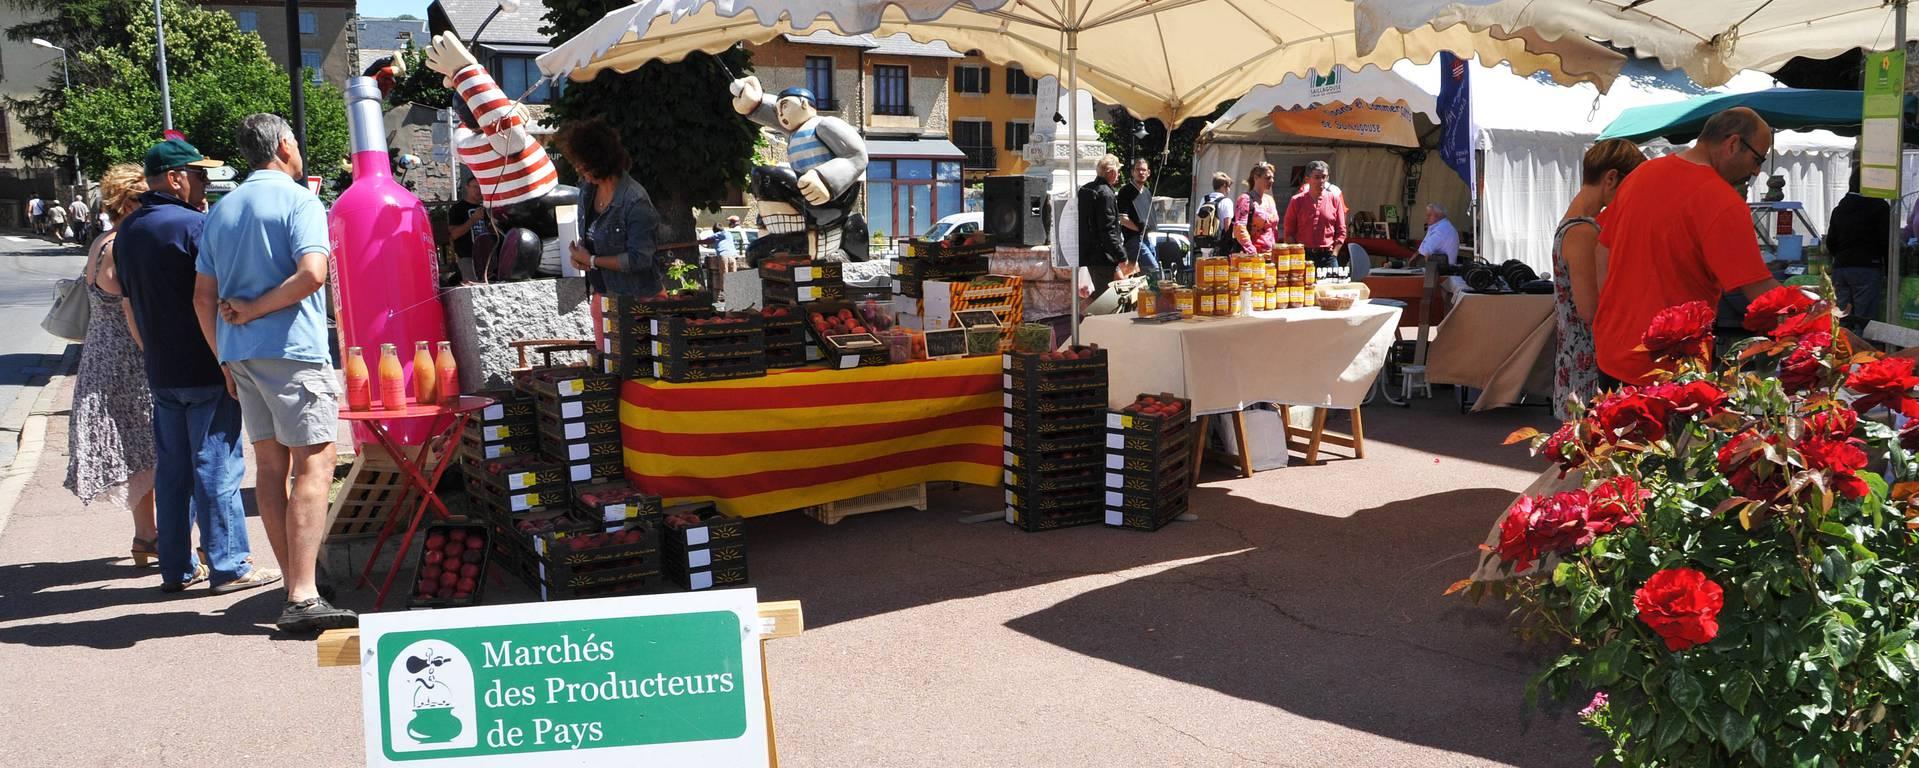 Markt met streekproducten © F. Berlic